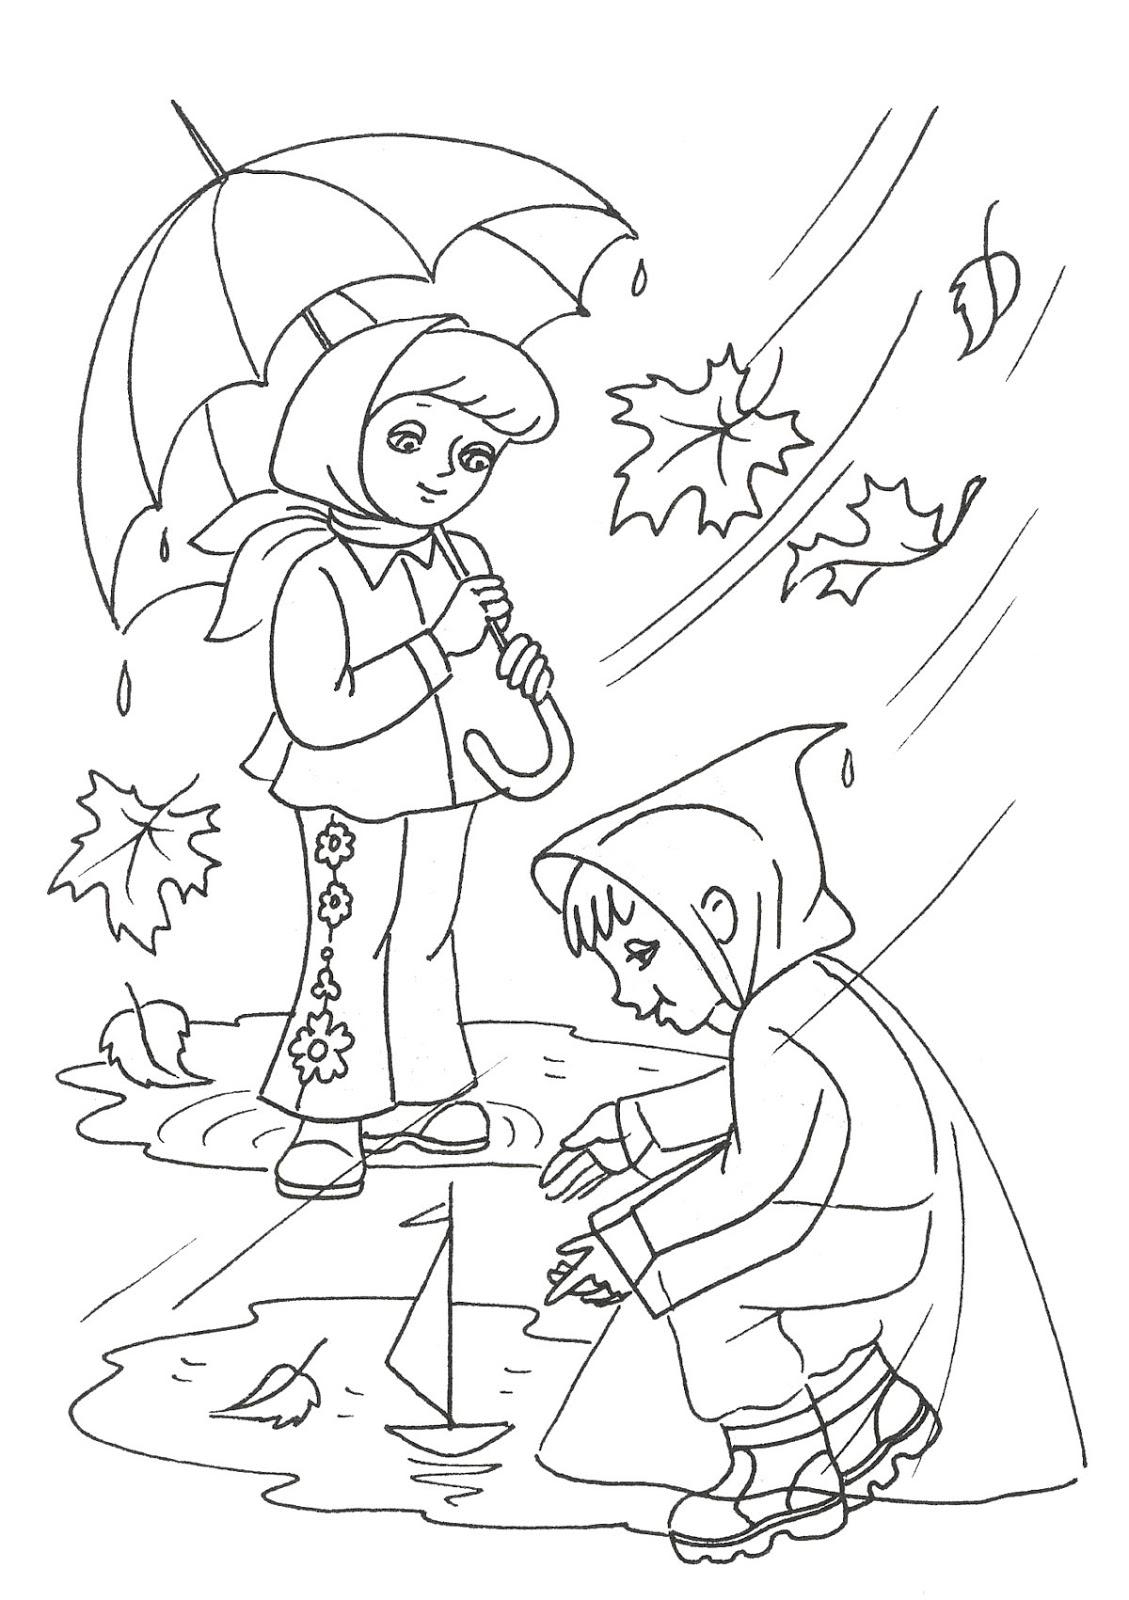 Развивающие занятия для детей дома!: Раскраски на тему Осень